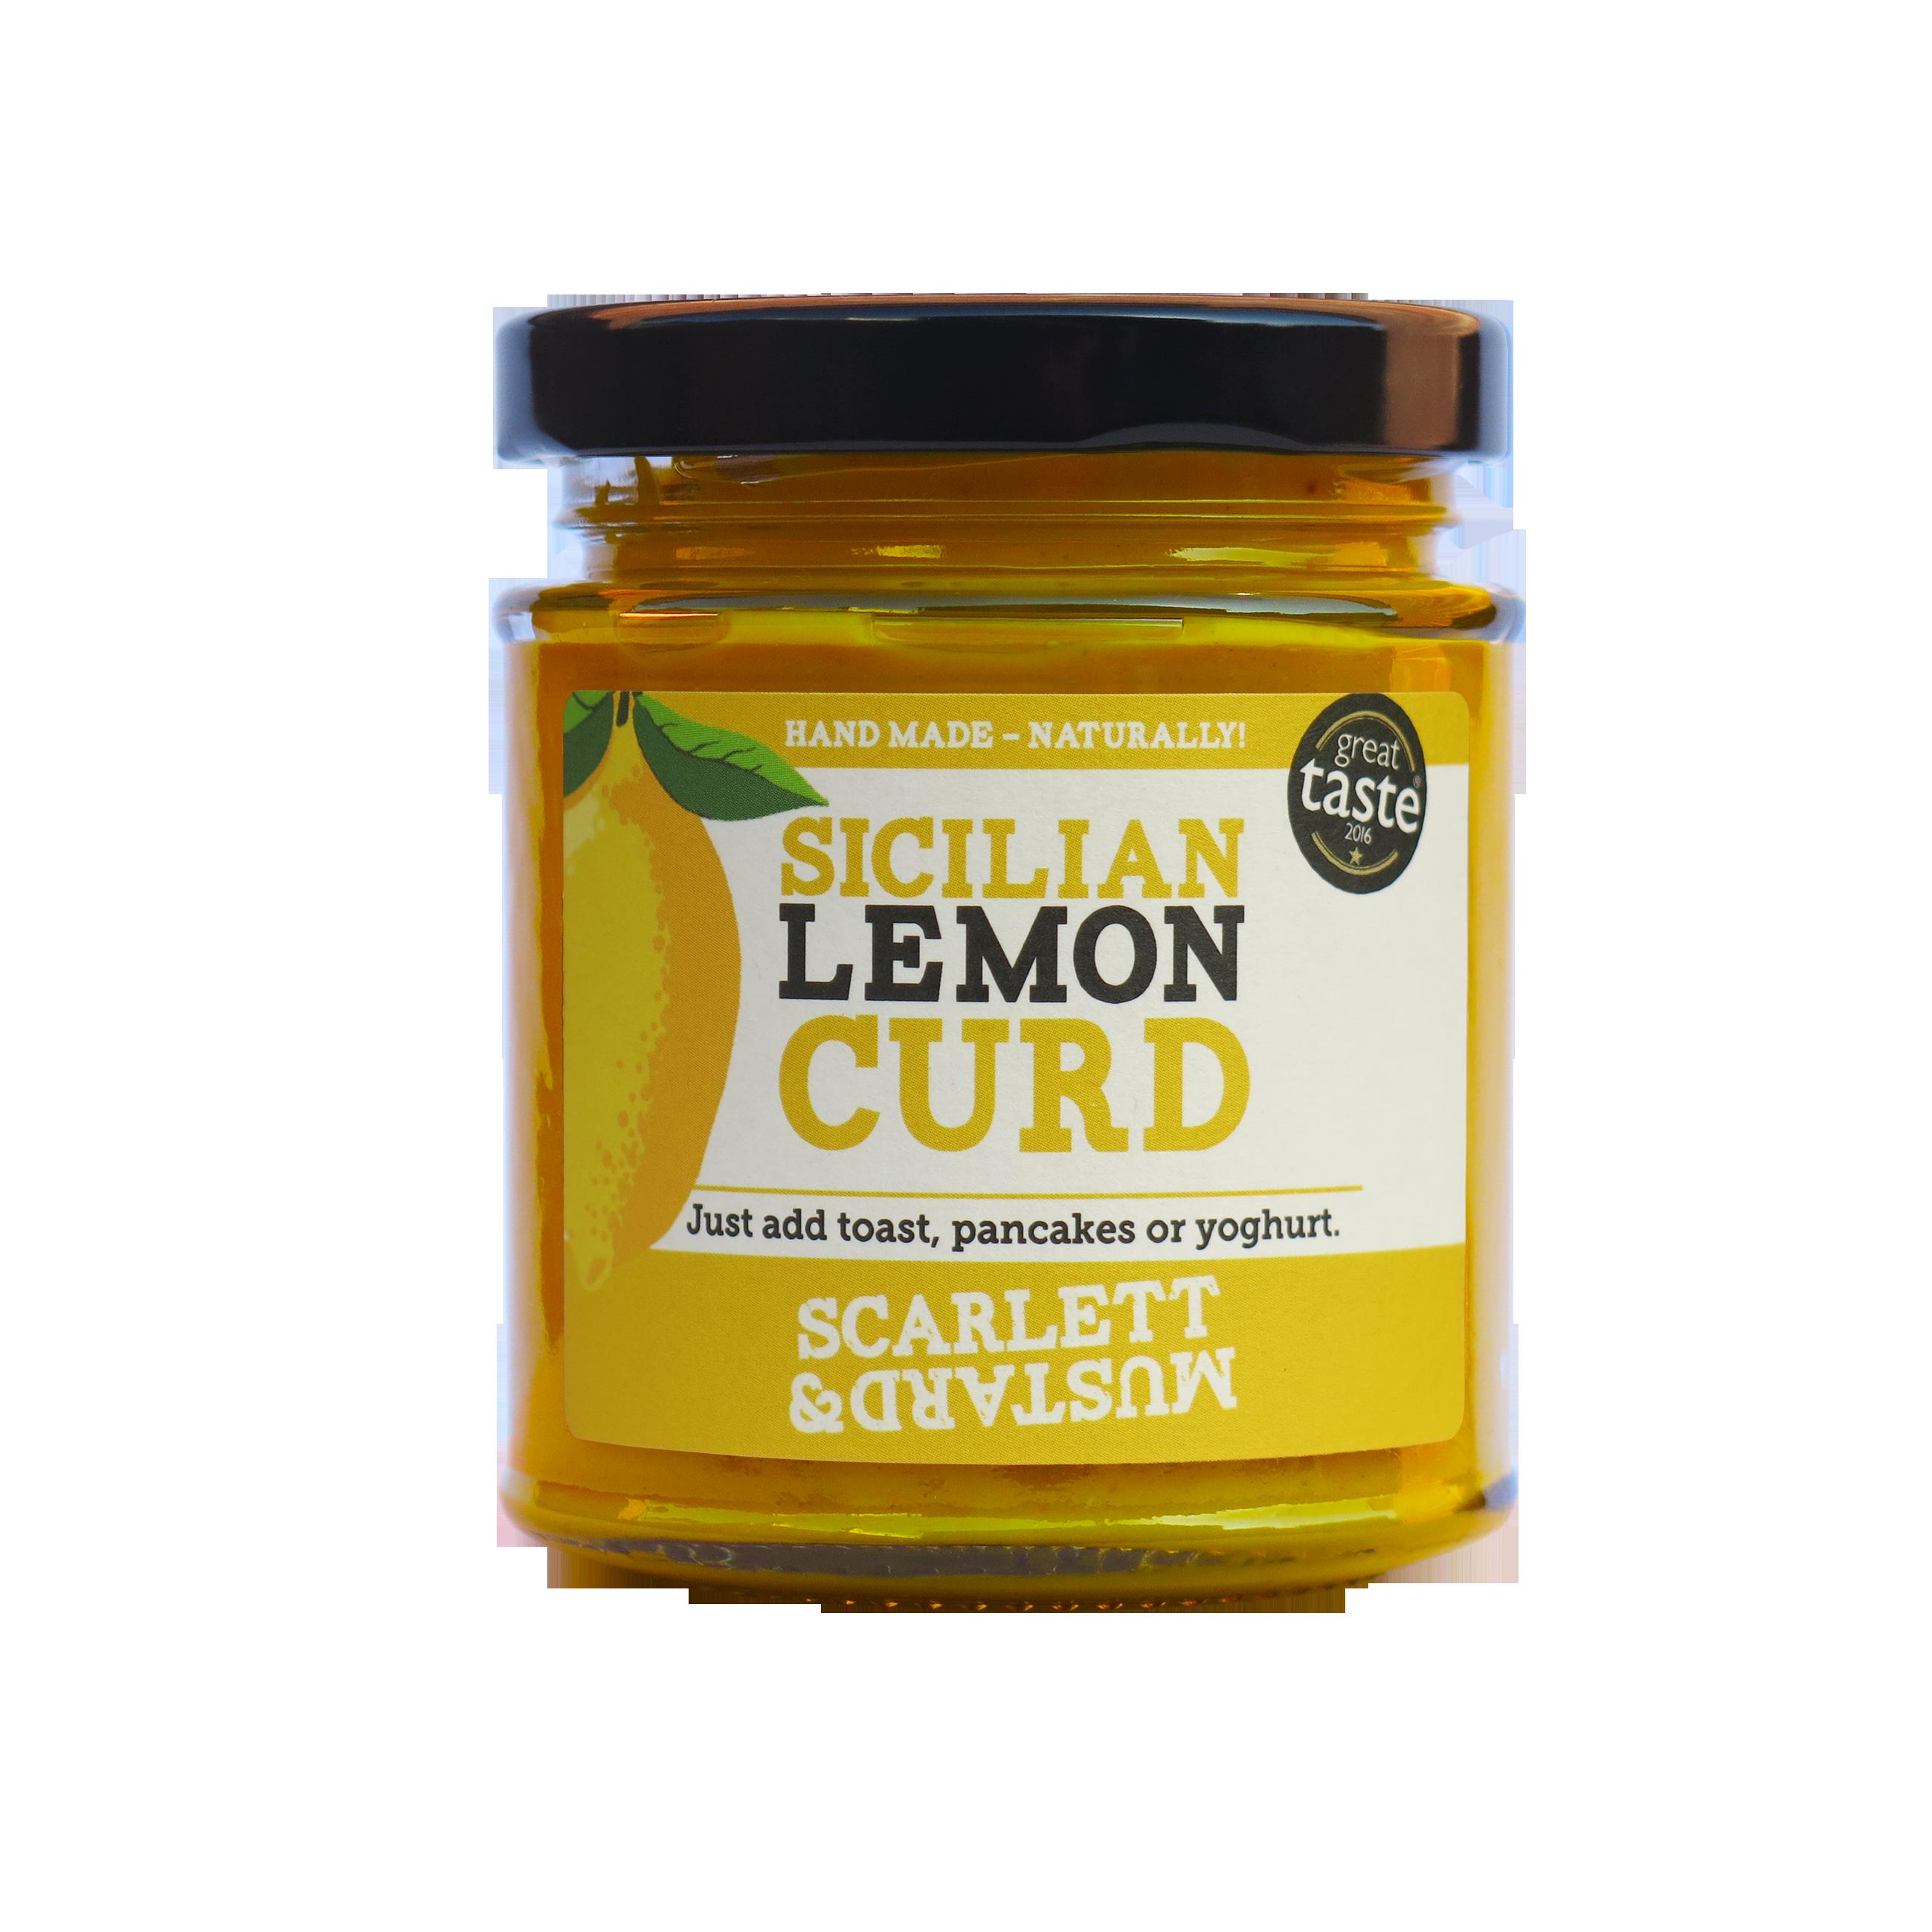 Scarlett & Mustard Sicilian Lemon Curd